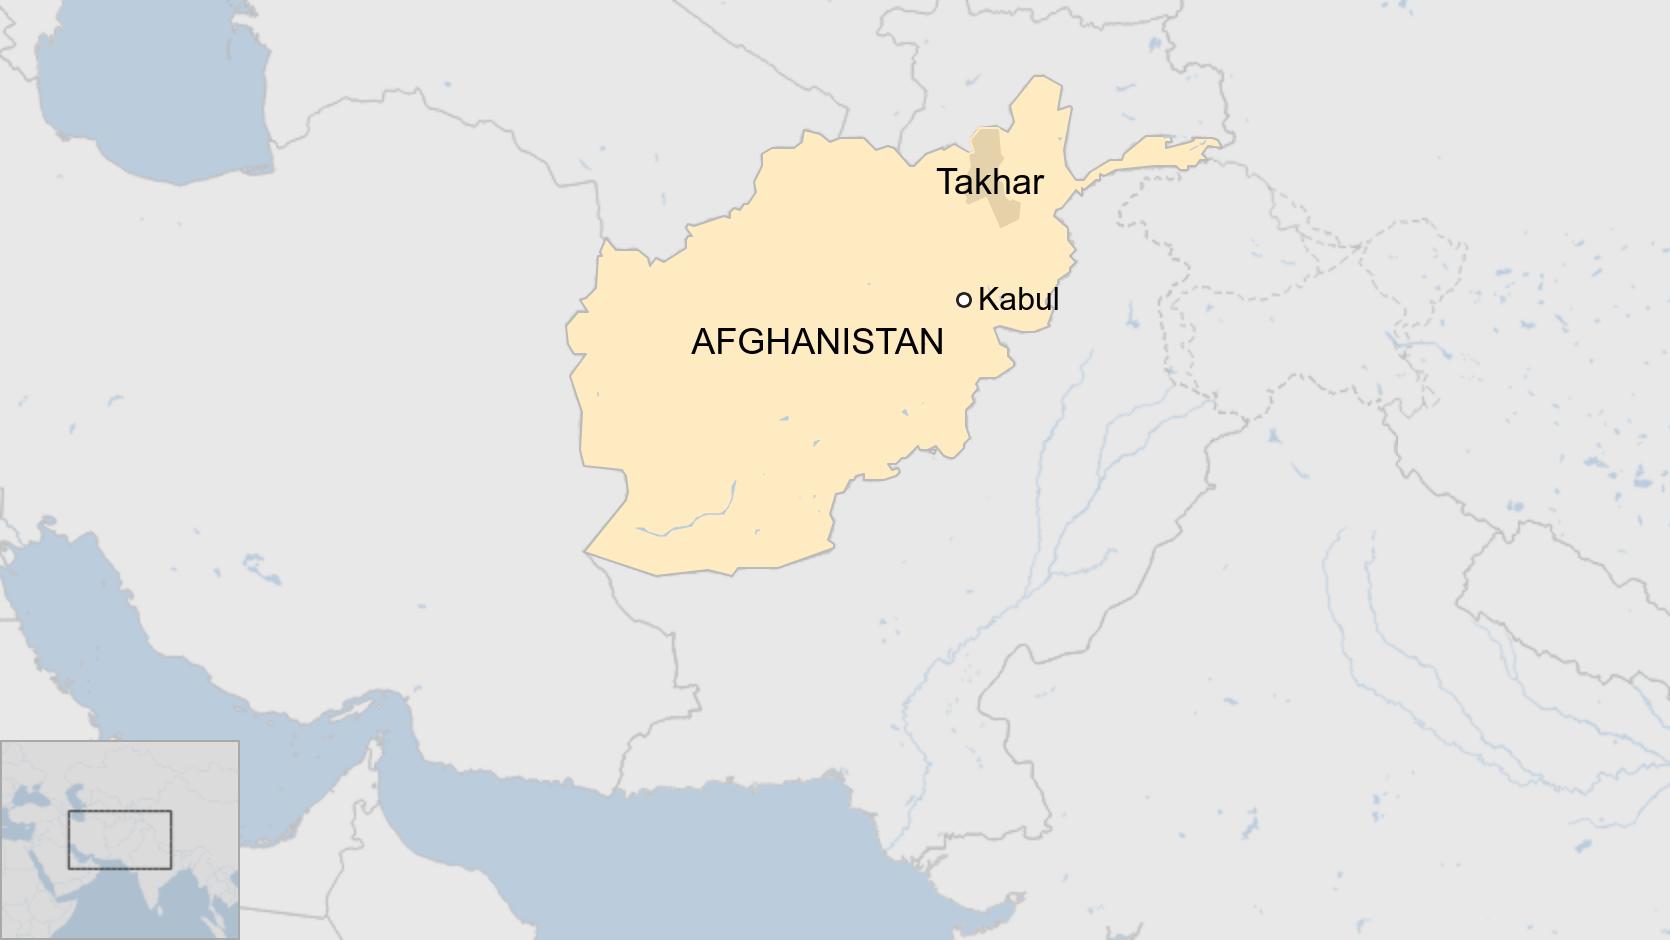 Takhar province